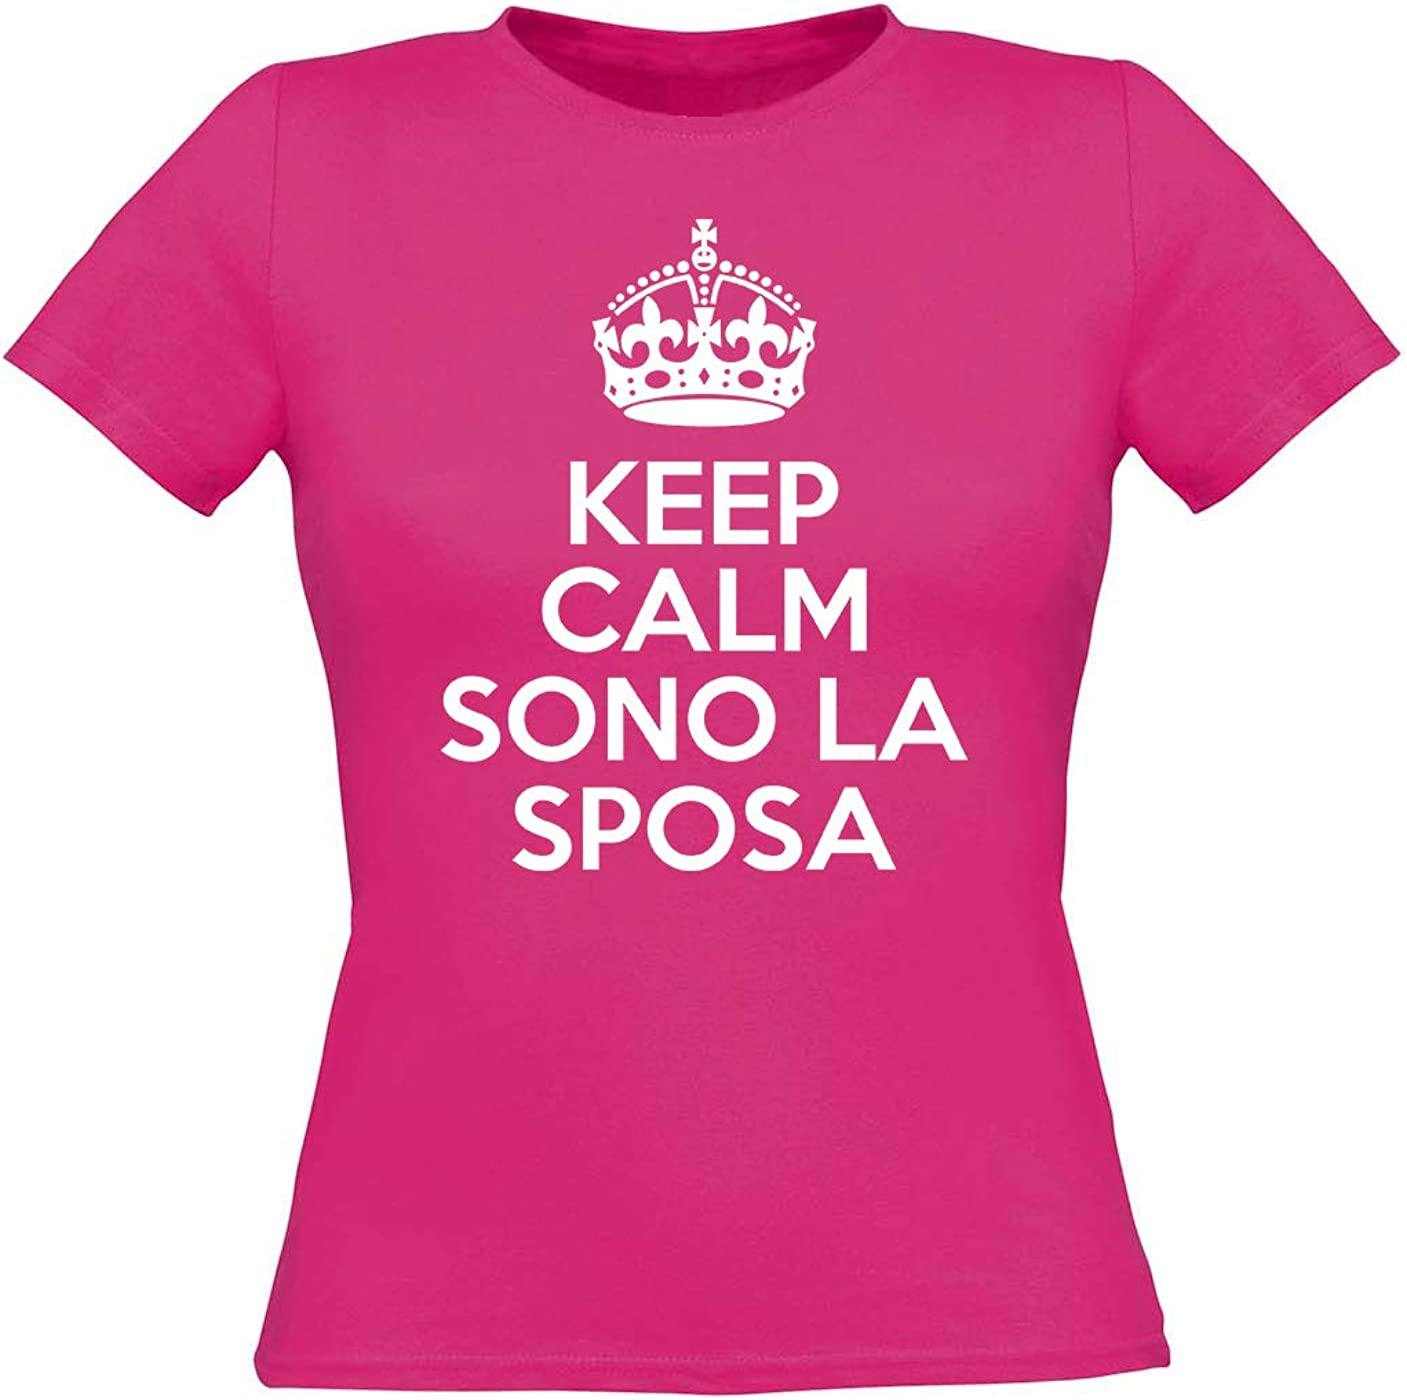 Fashion Graphic T-Shirt Donna Keep Calm Sono la Sposa Matrimonio Addio Nubilato